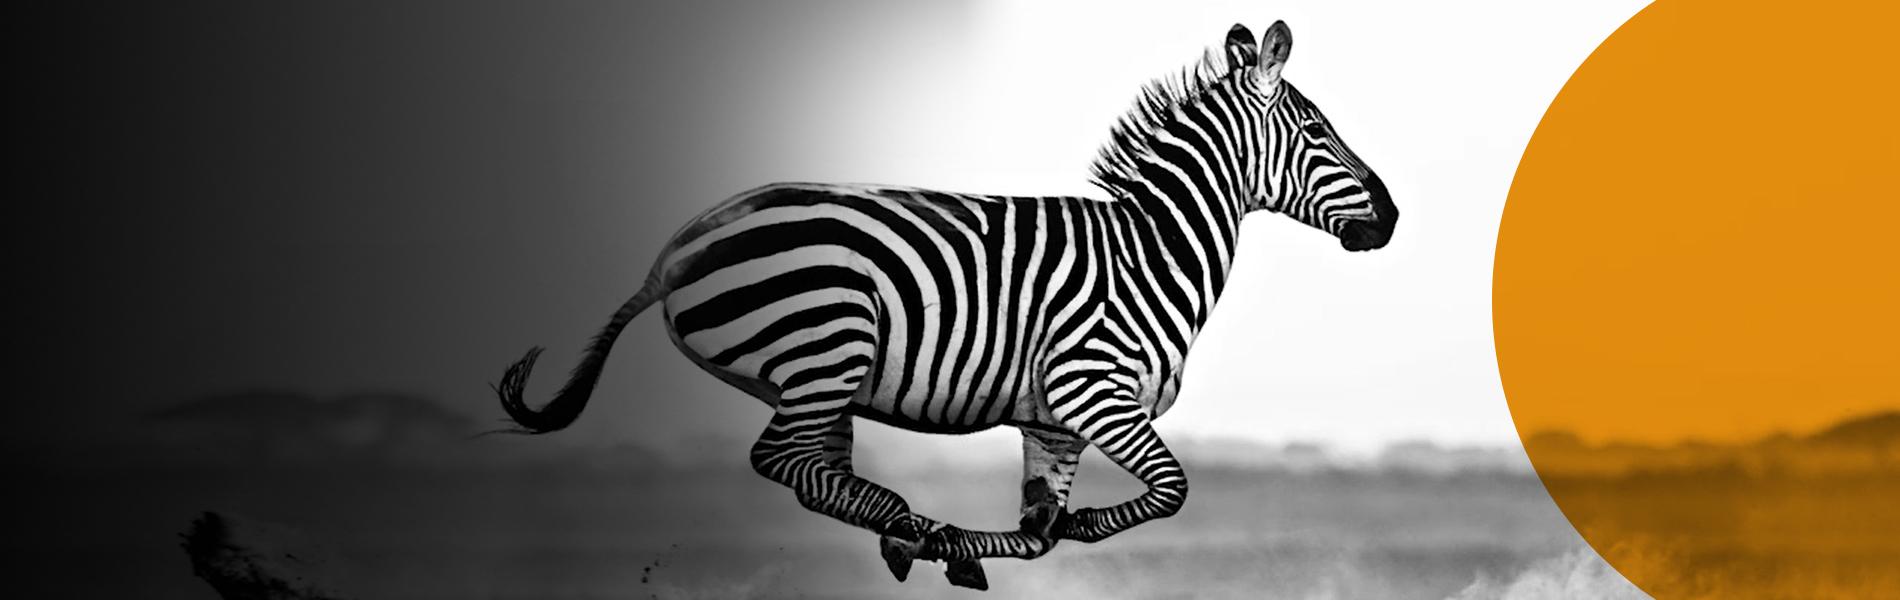 Species – Zebra